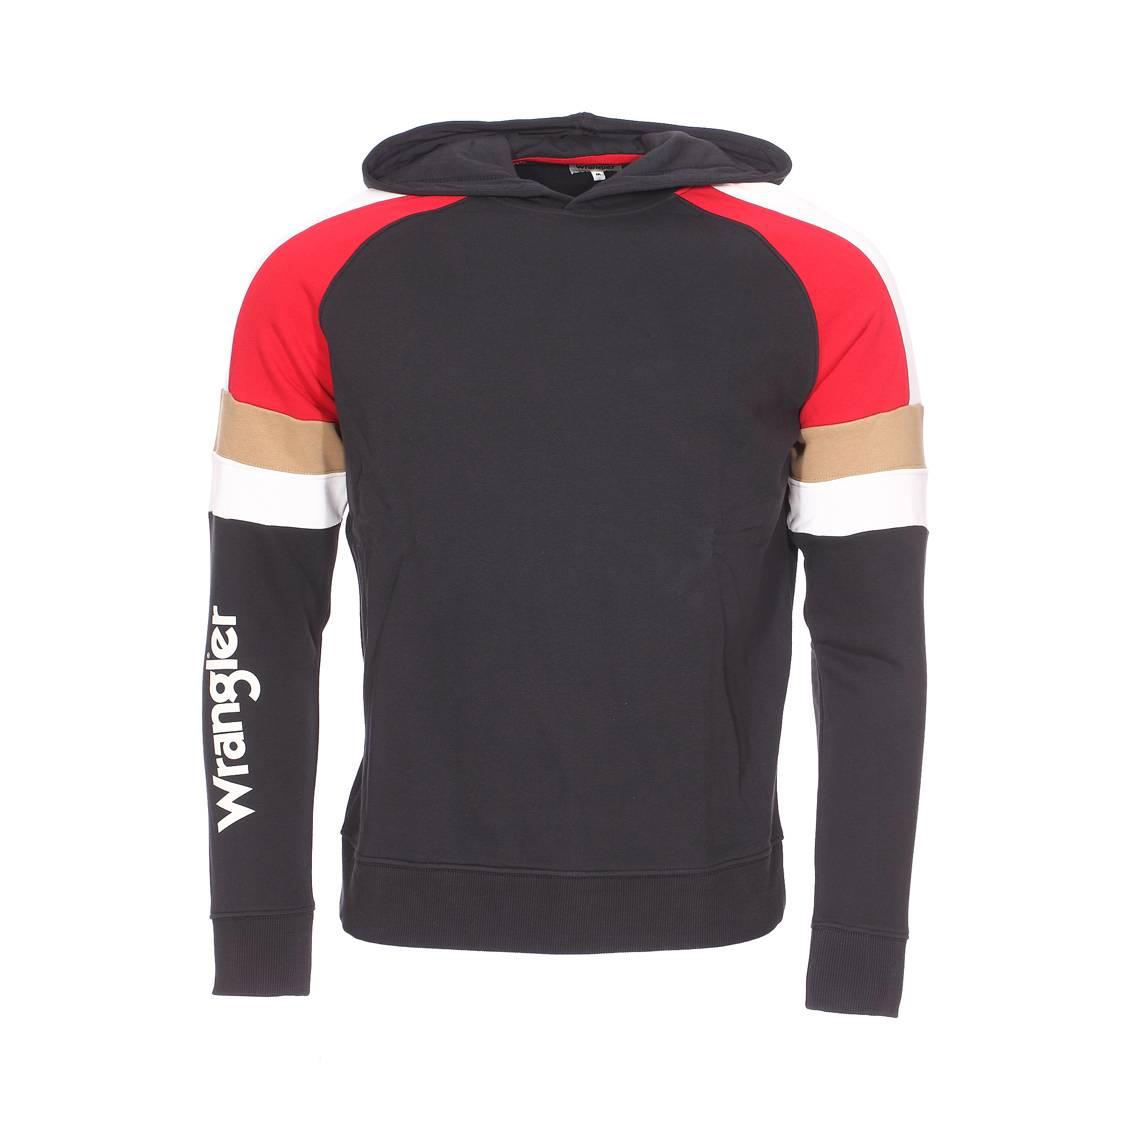 Sweat à capuche  cut&sew en coton mélangé à opposition de couleurs noire, rouge, blanche et marron